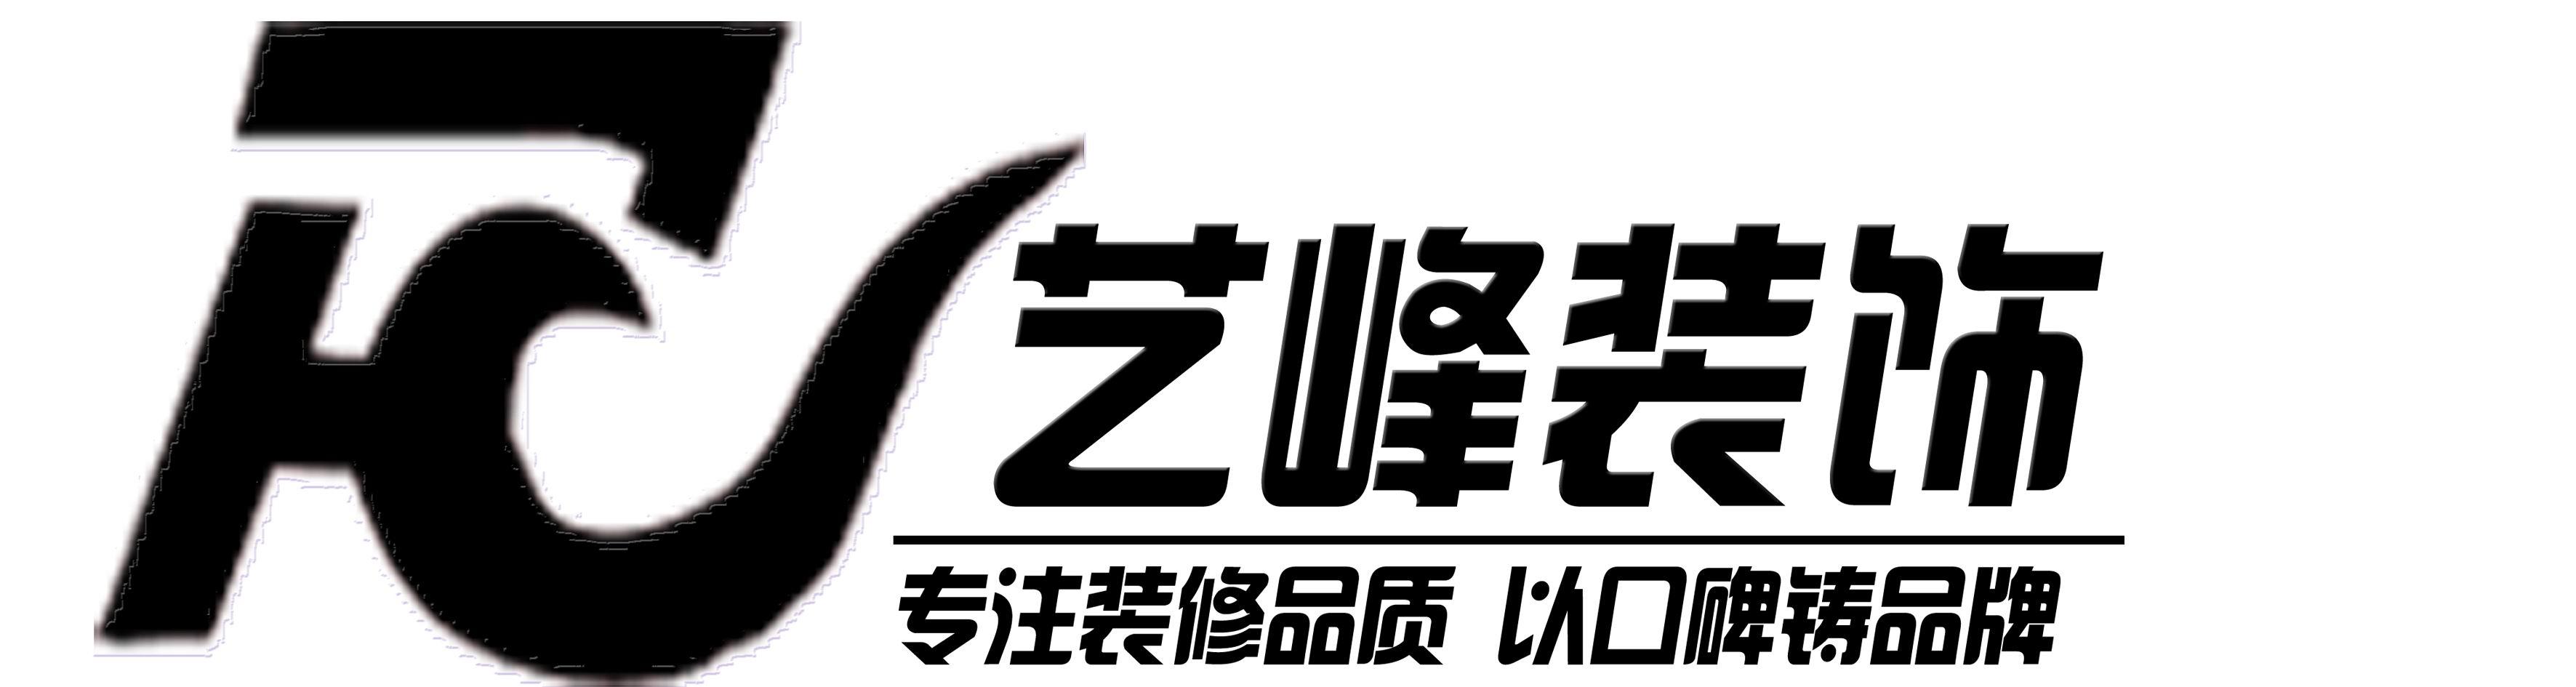 邯郸市艺峰装饰工程有限公司